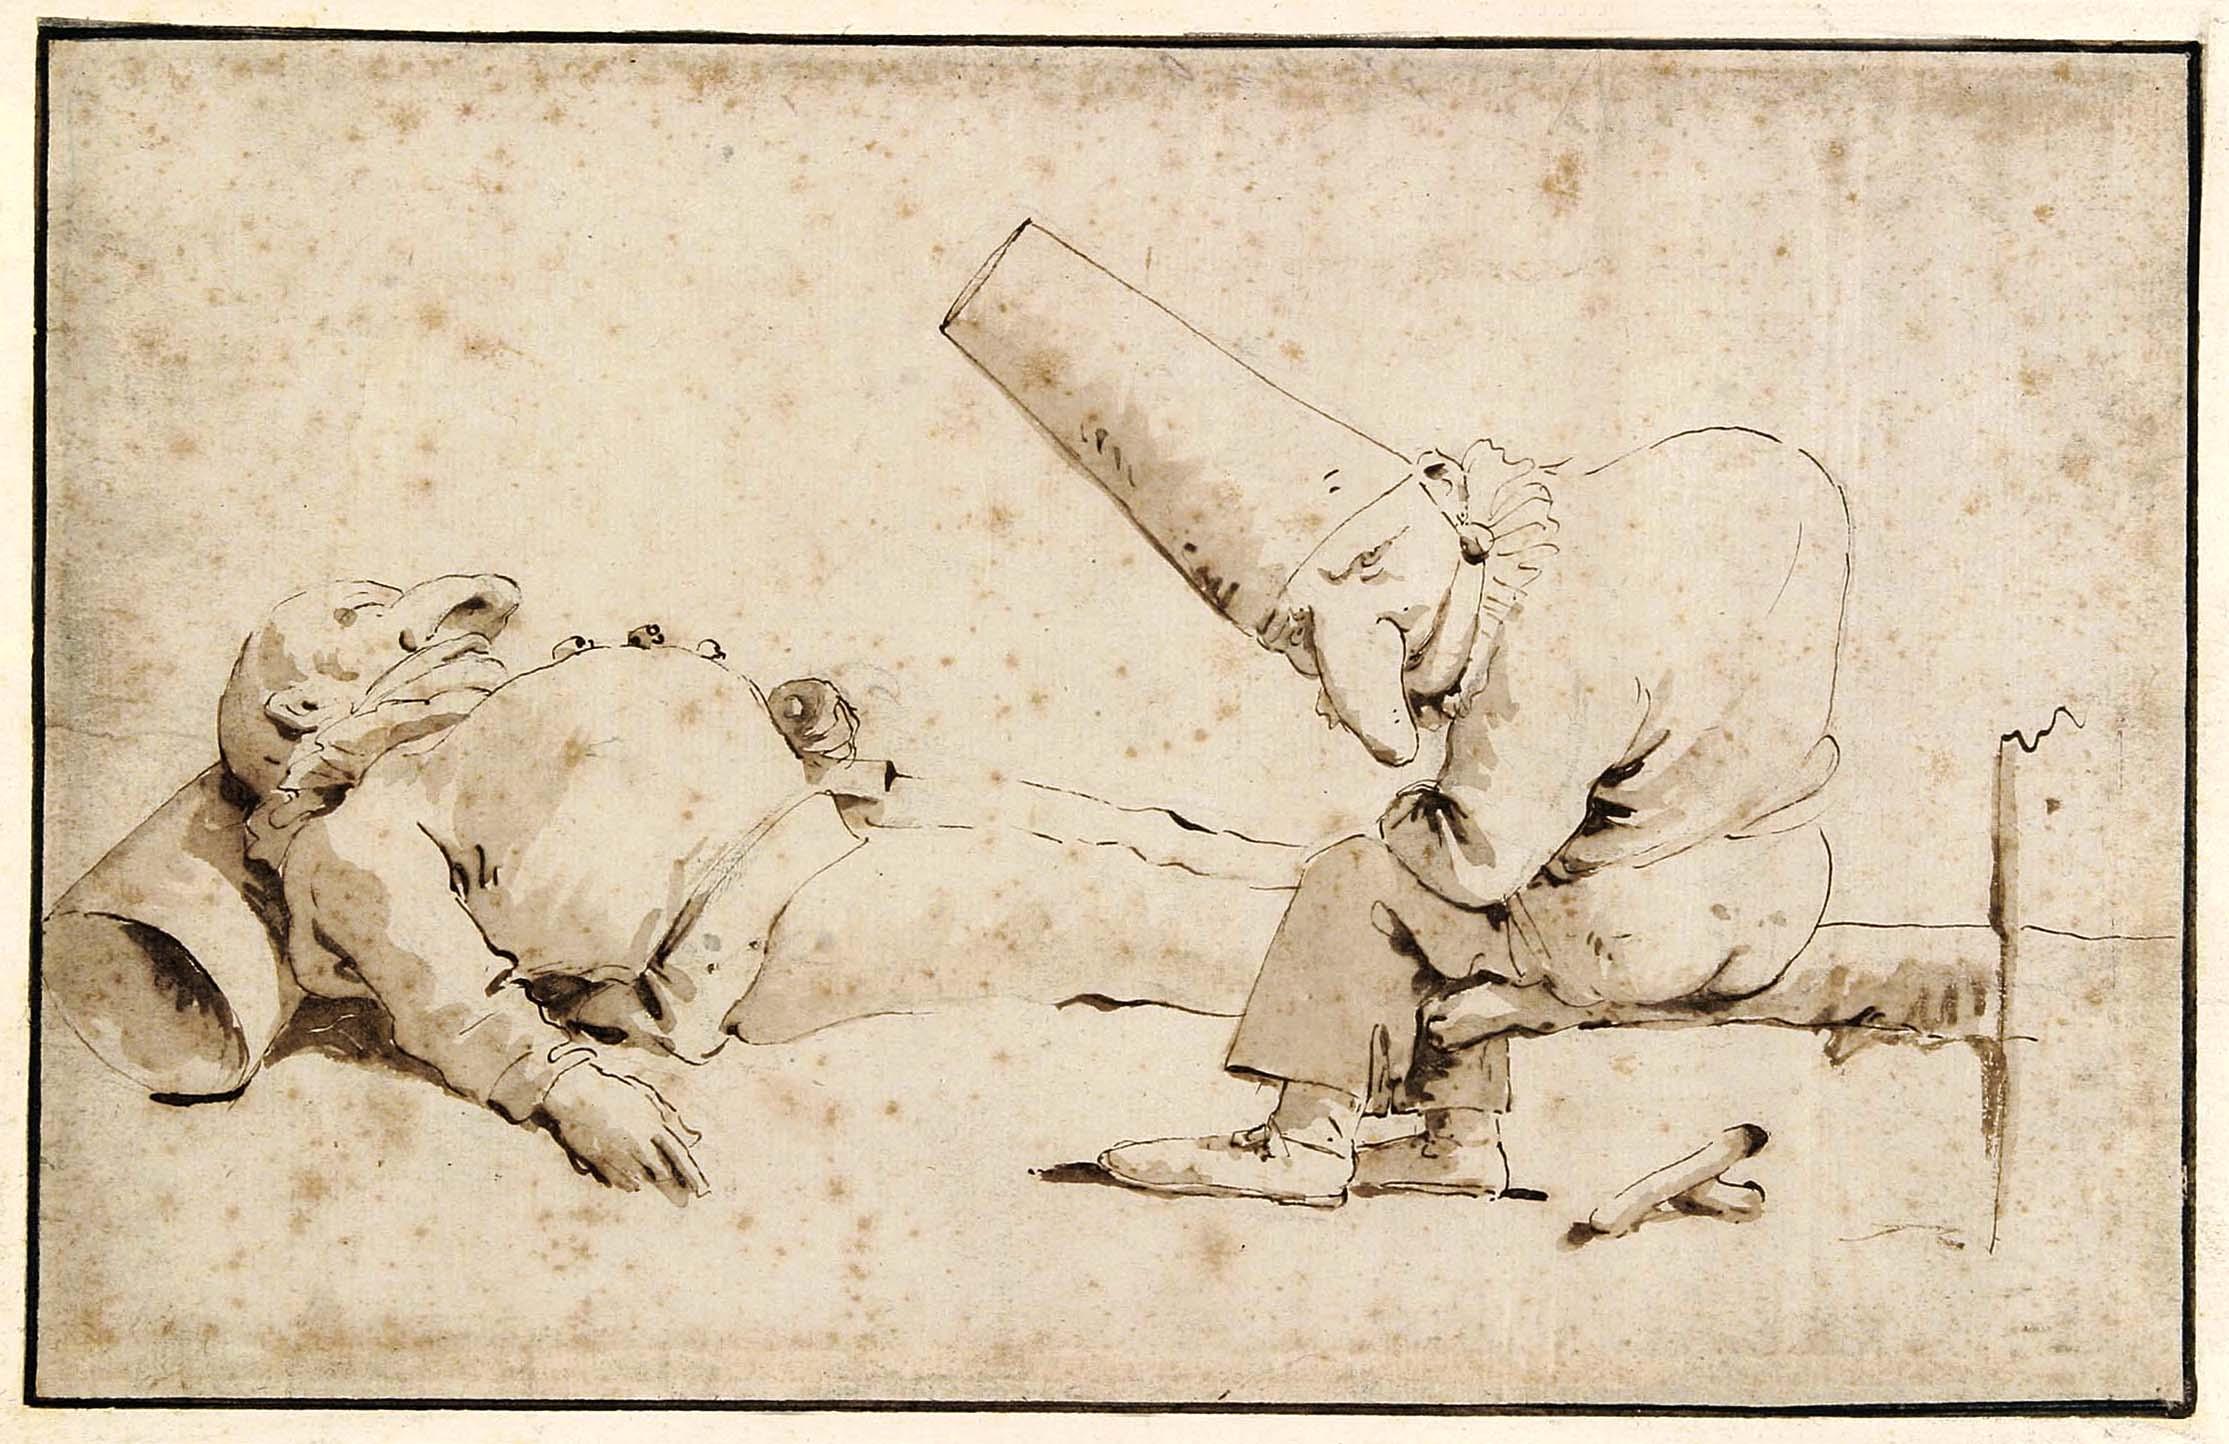 Giambattista Tiepolo, Due Pulcinella e i postumi della Festa degli Gnocchi, 1725-1750